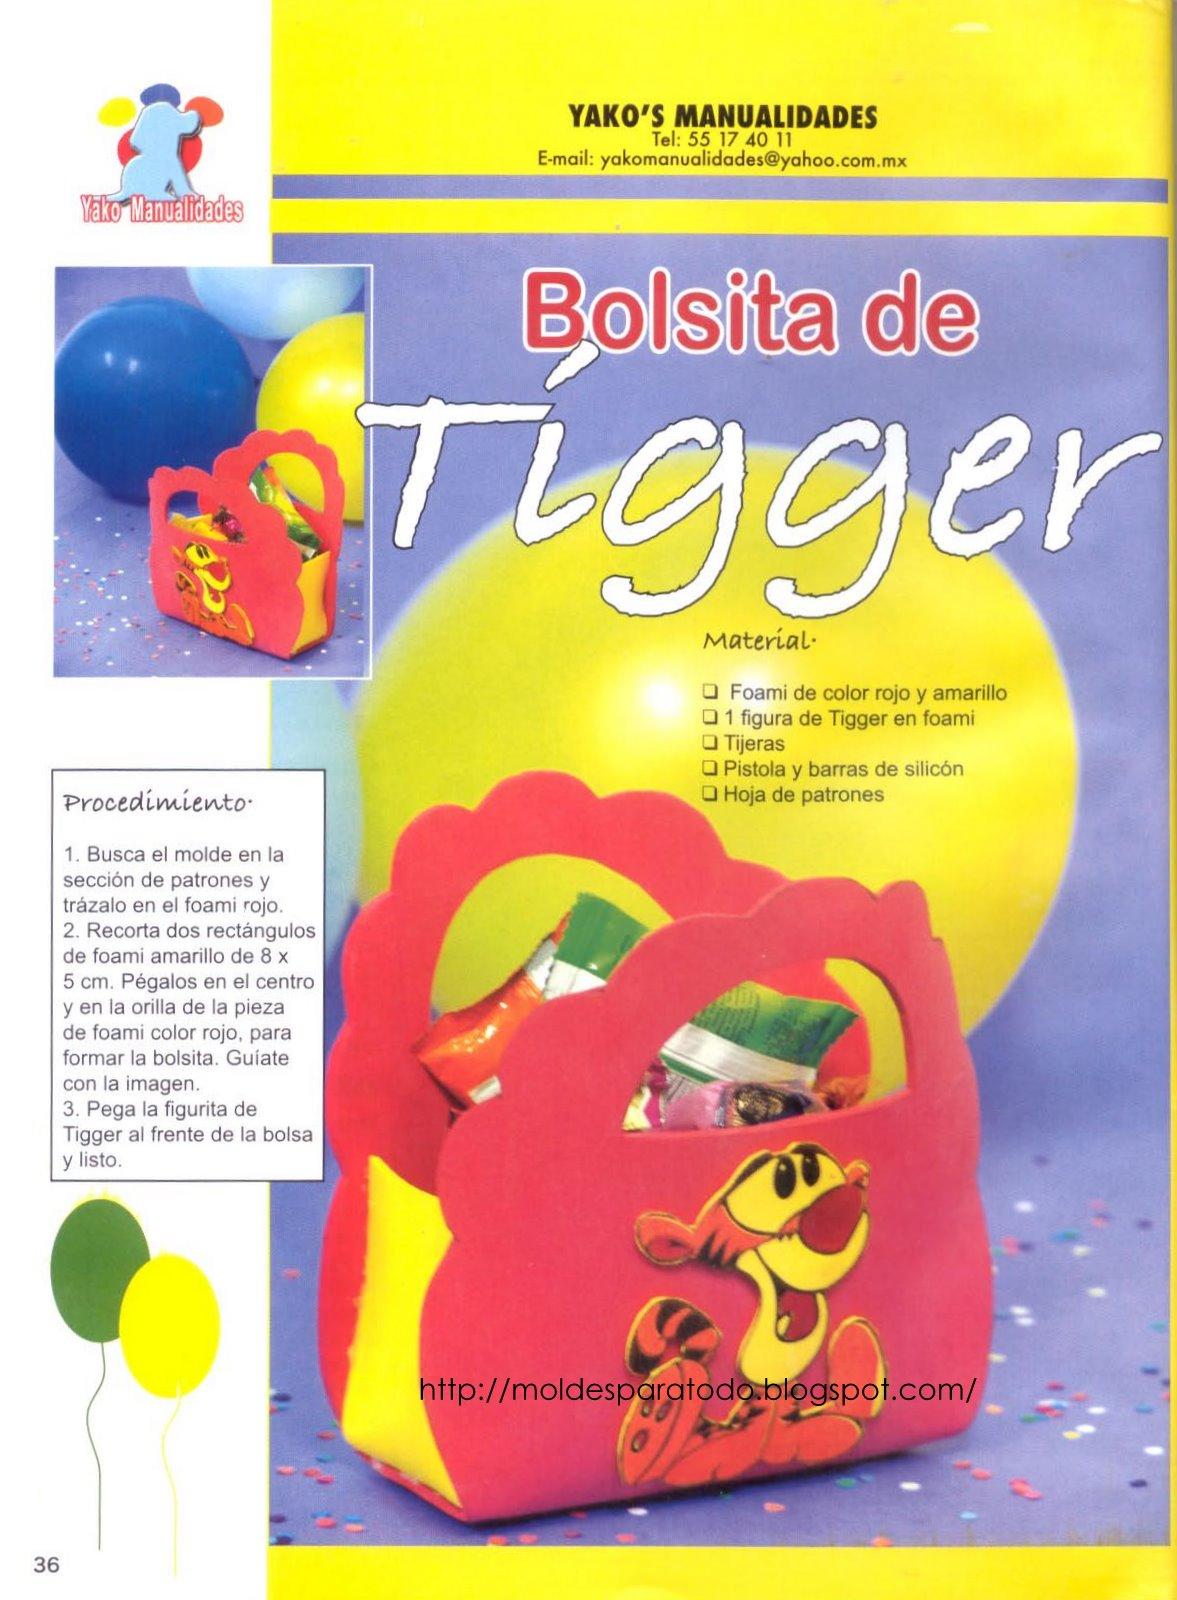 Bolsita de Tigger =